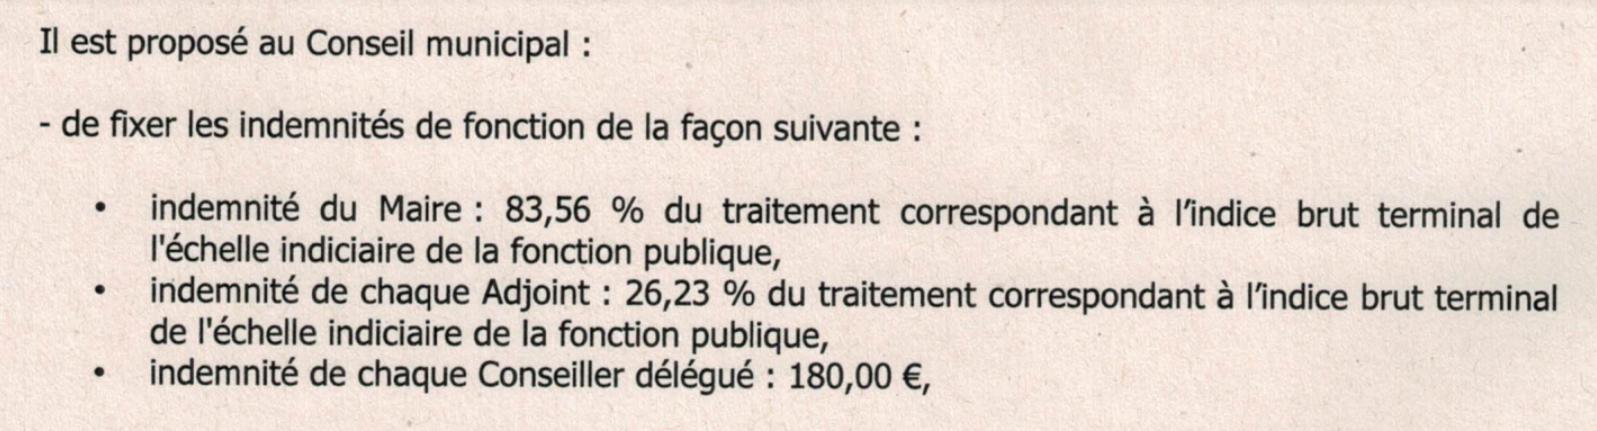 Les indemnités des élus de la communauté de communes de Vierzon